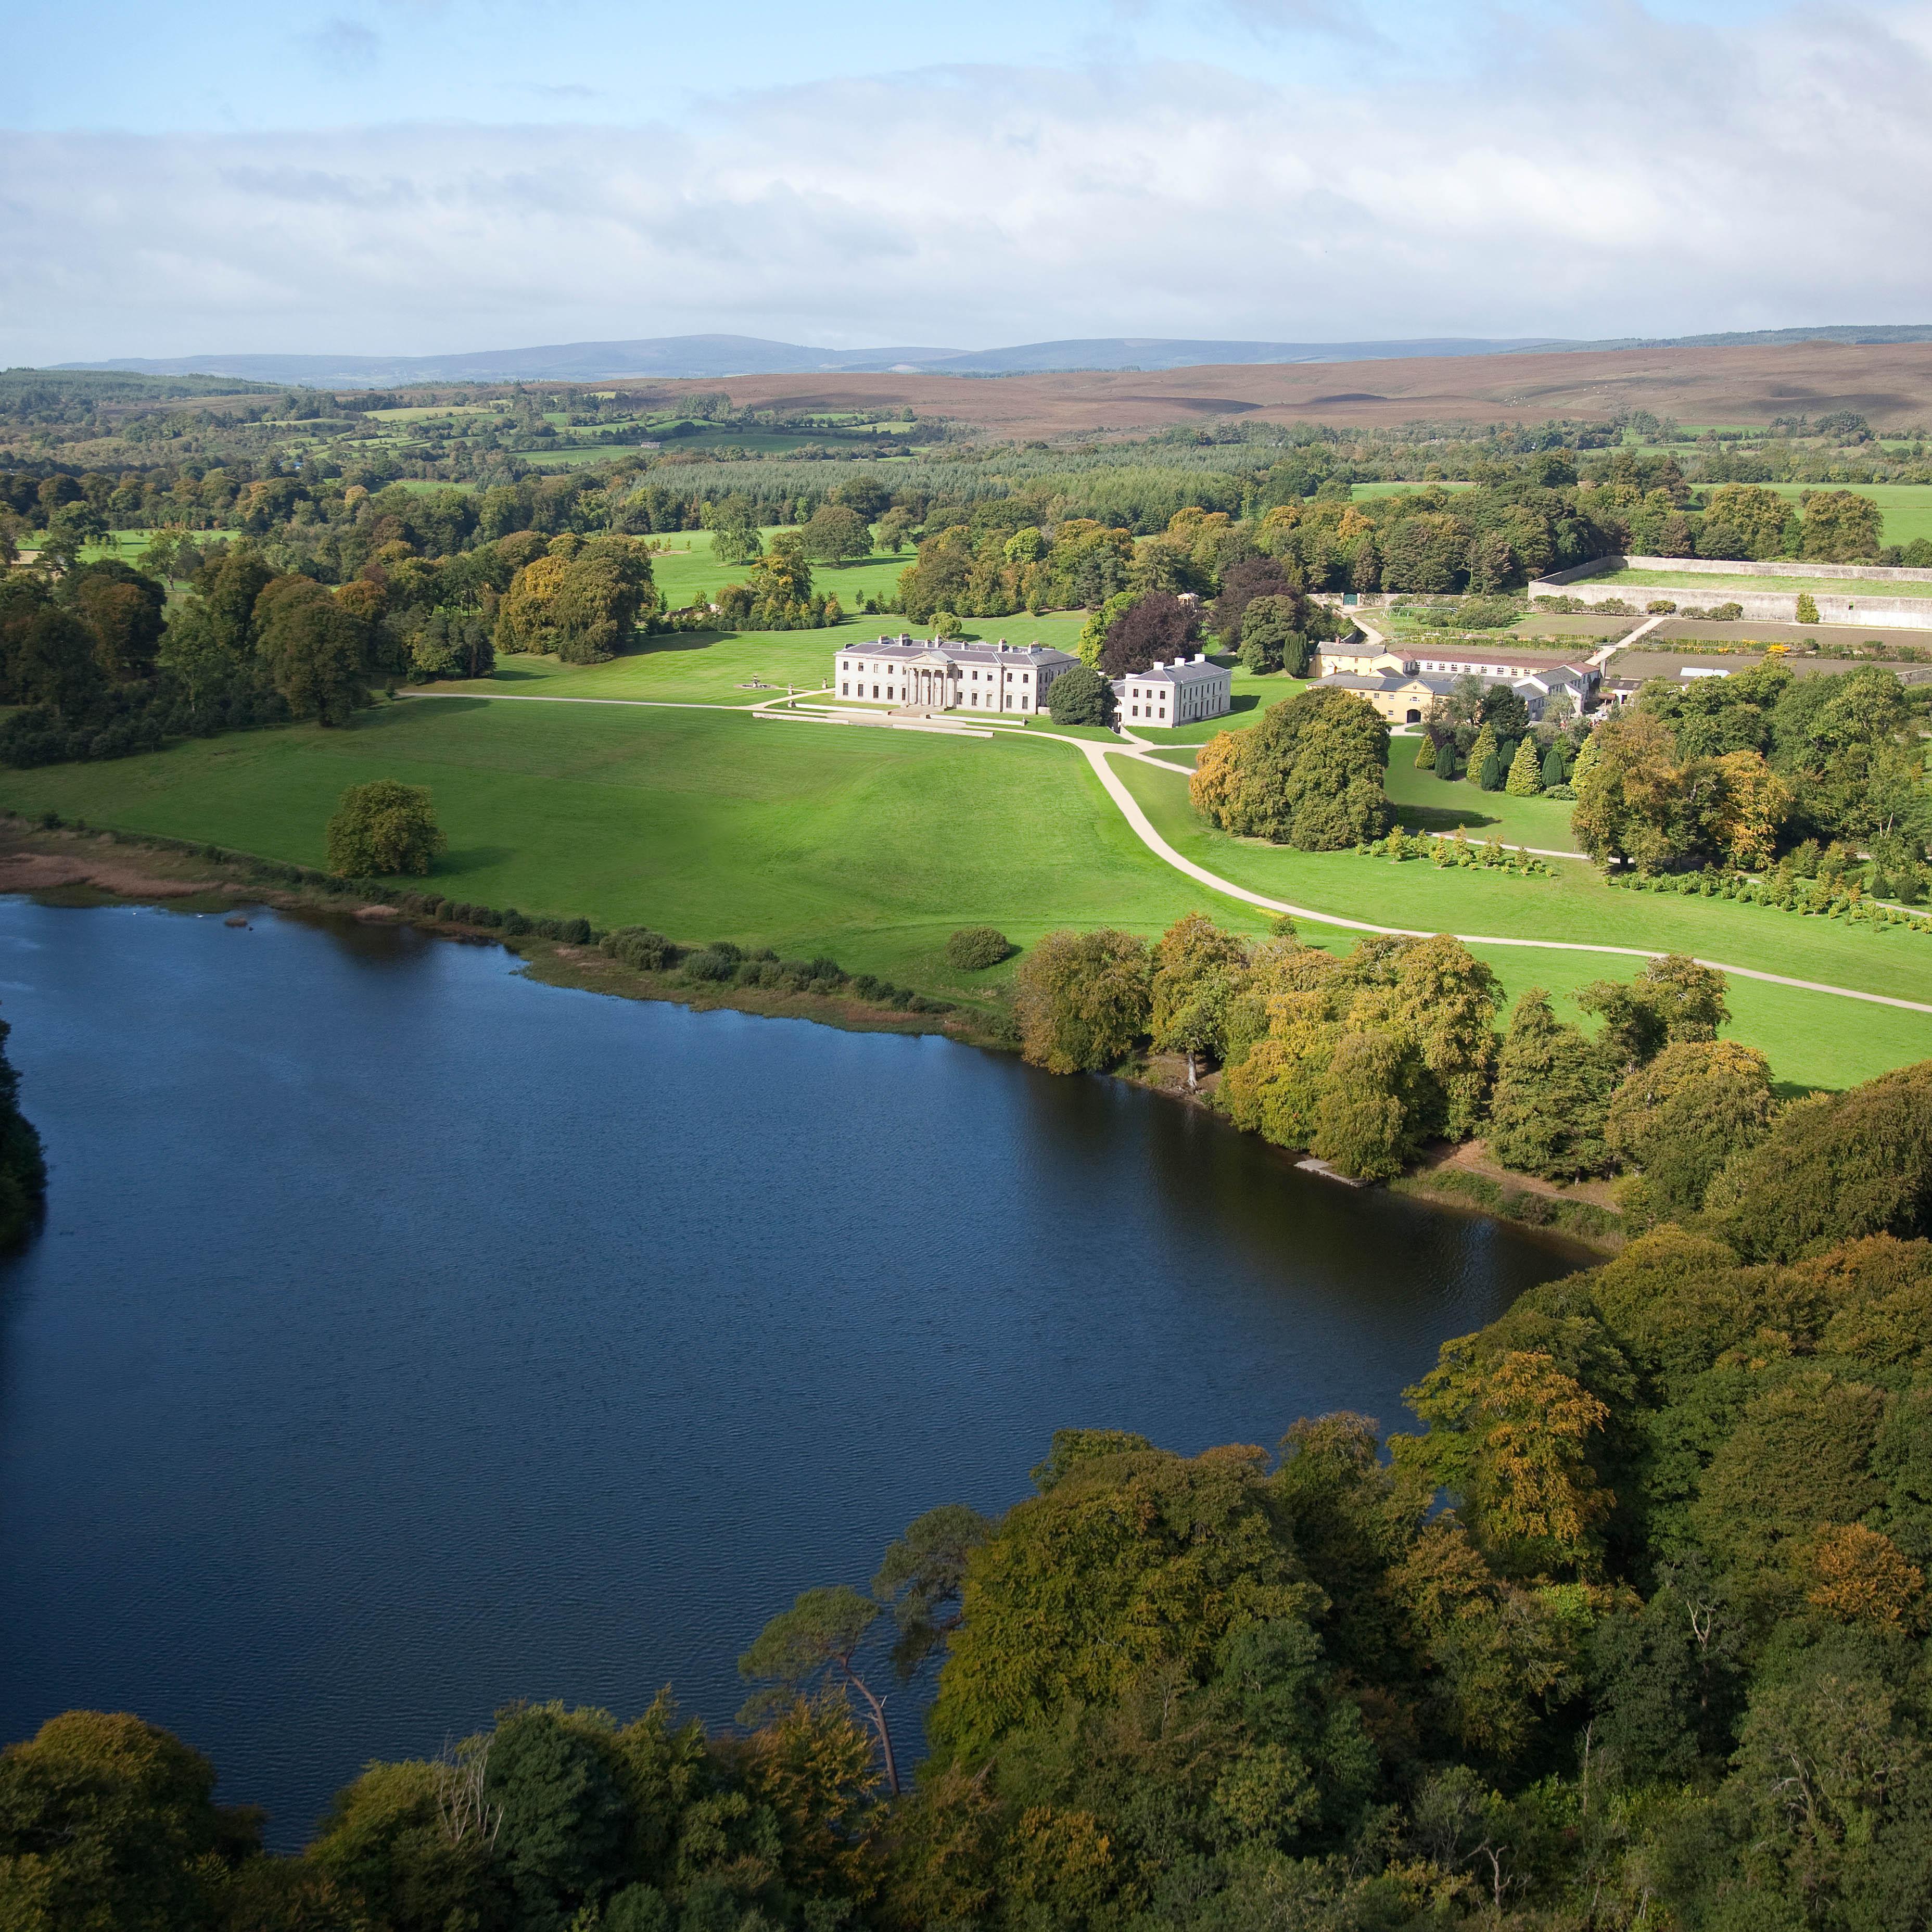 Ballyfin Aerial View